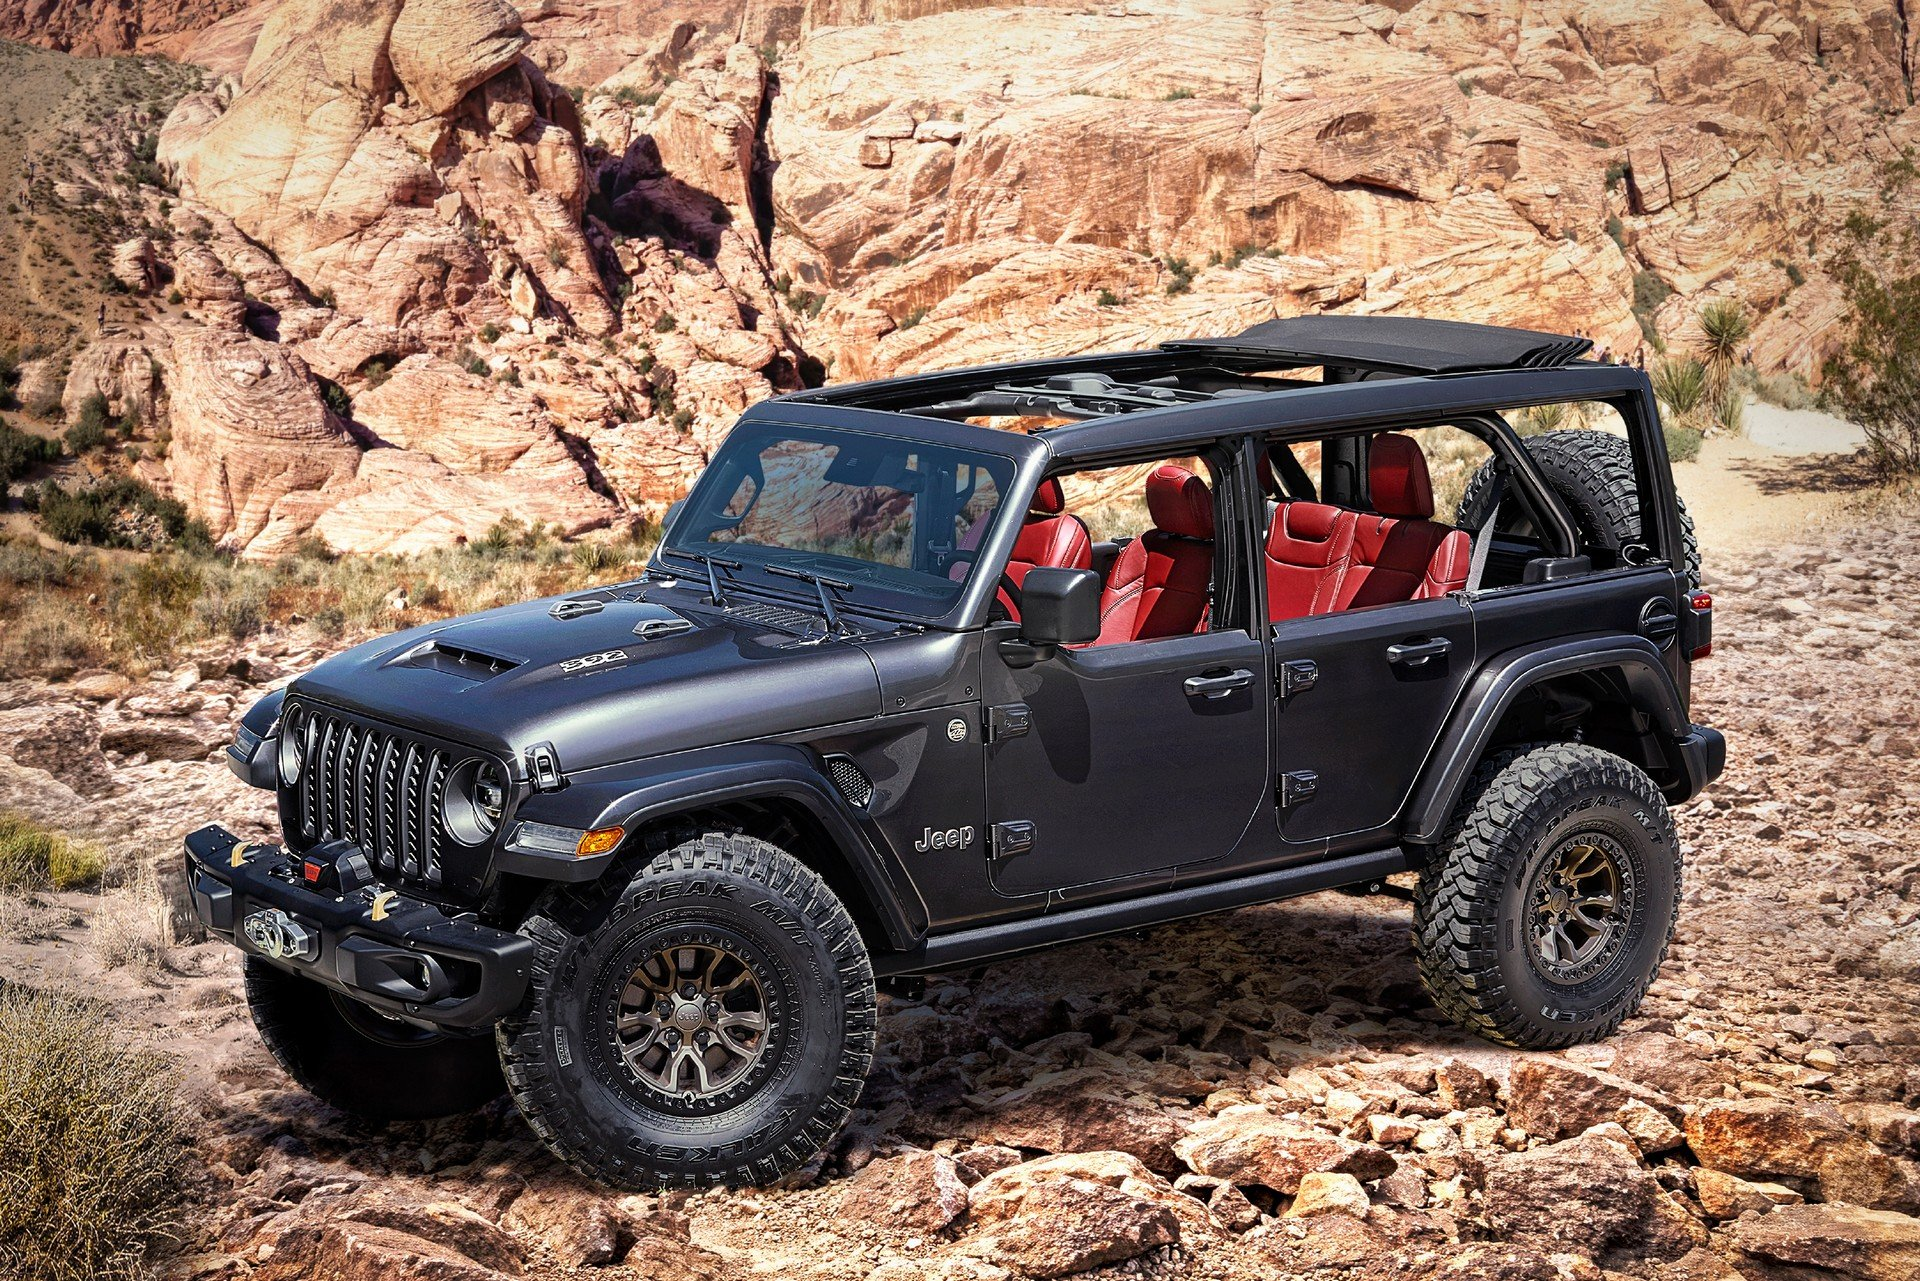 Jeep готовит экстремальную версию Wrangler с могучим мотором Hemi